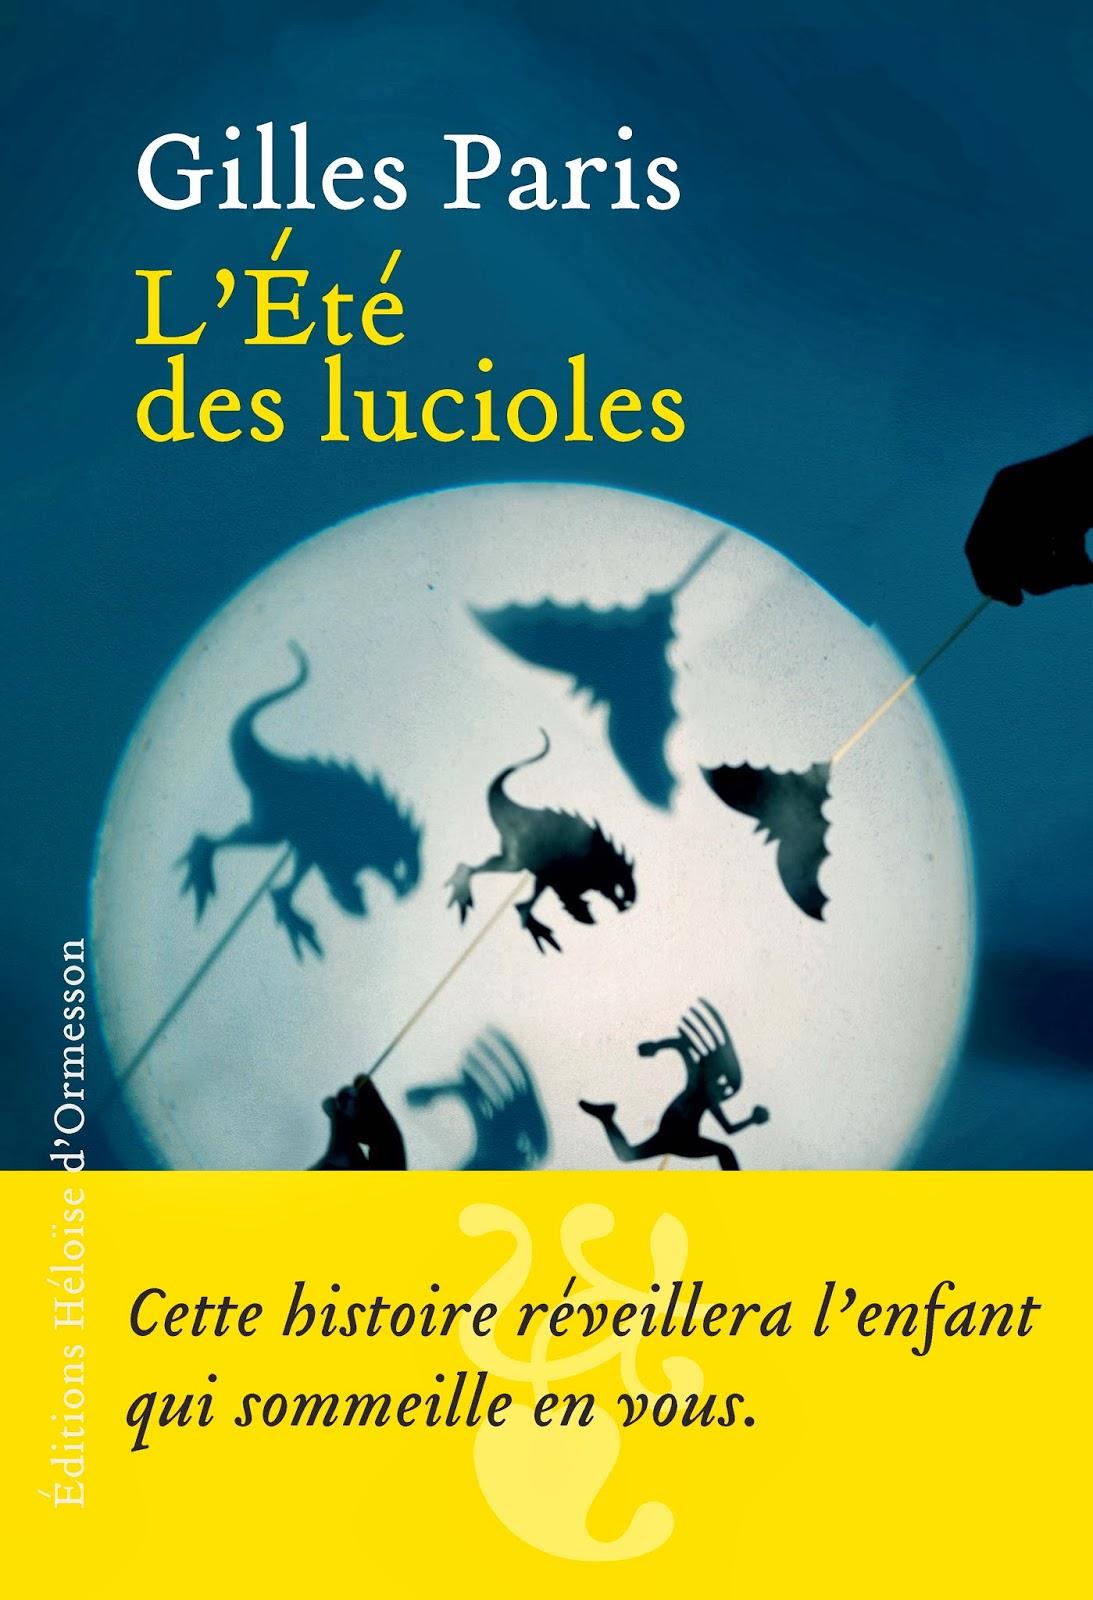 http://bouquinsenfolie.blogspot.fr/2014/01/la-magie-des-lucioles.html